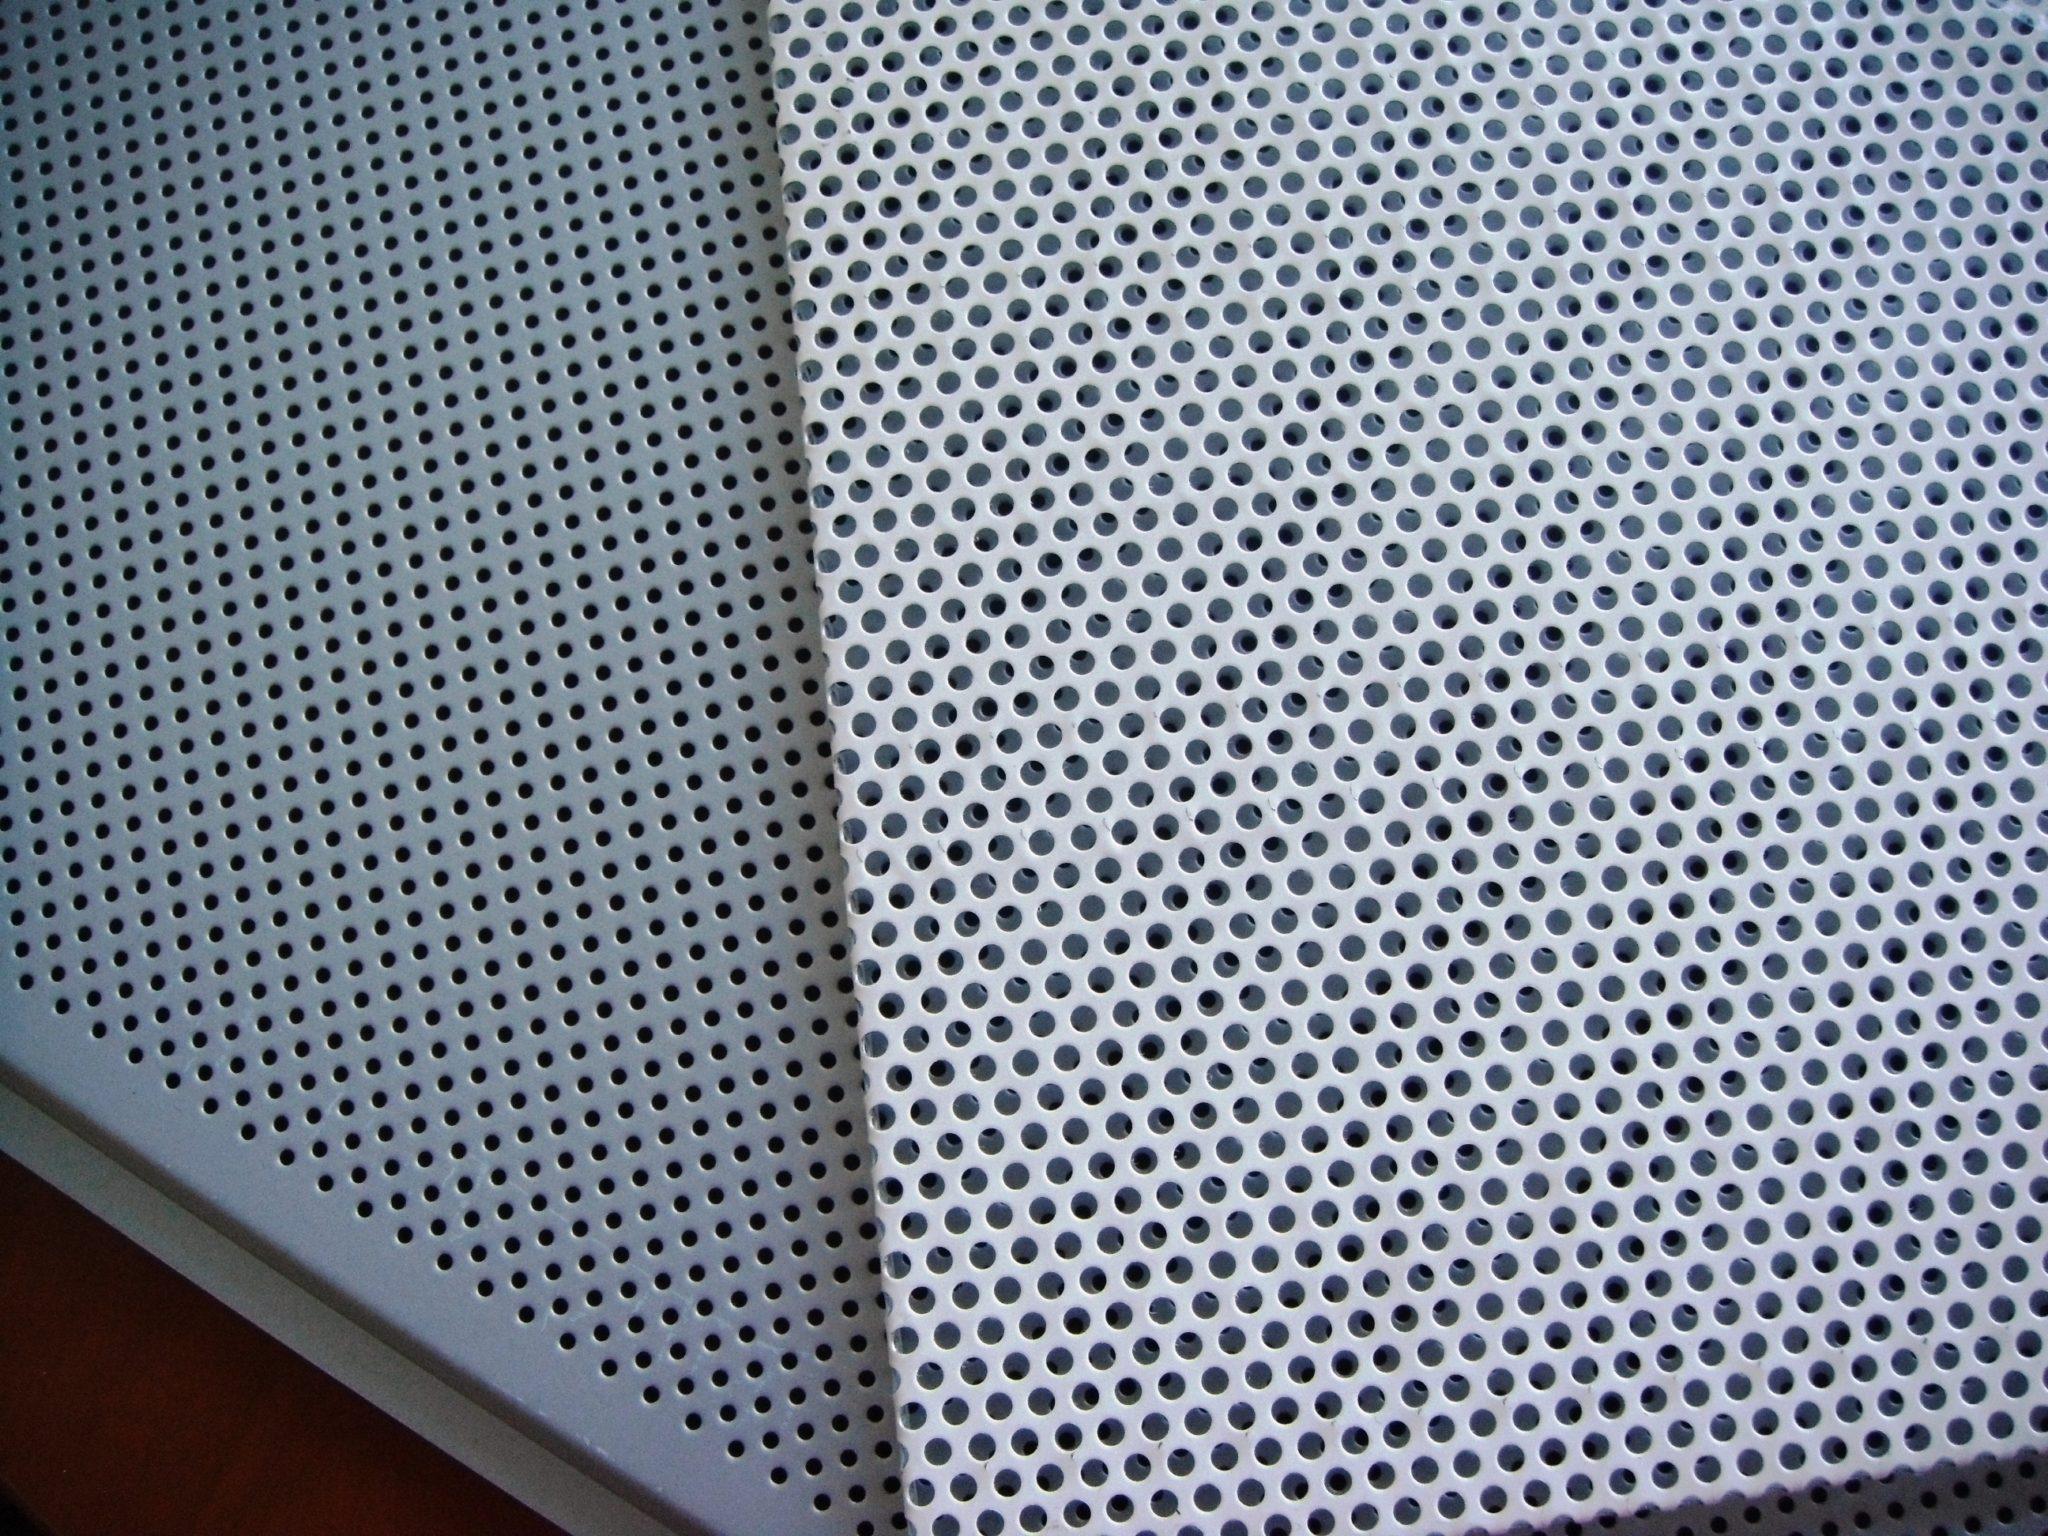 Плиты потолочные для подвесного потолка из тонколистовой стали 0,45мм с покрытием полиэстер